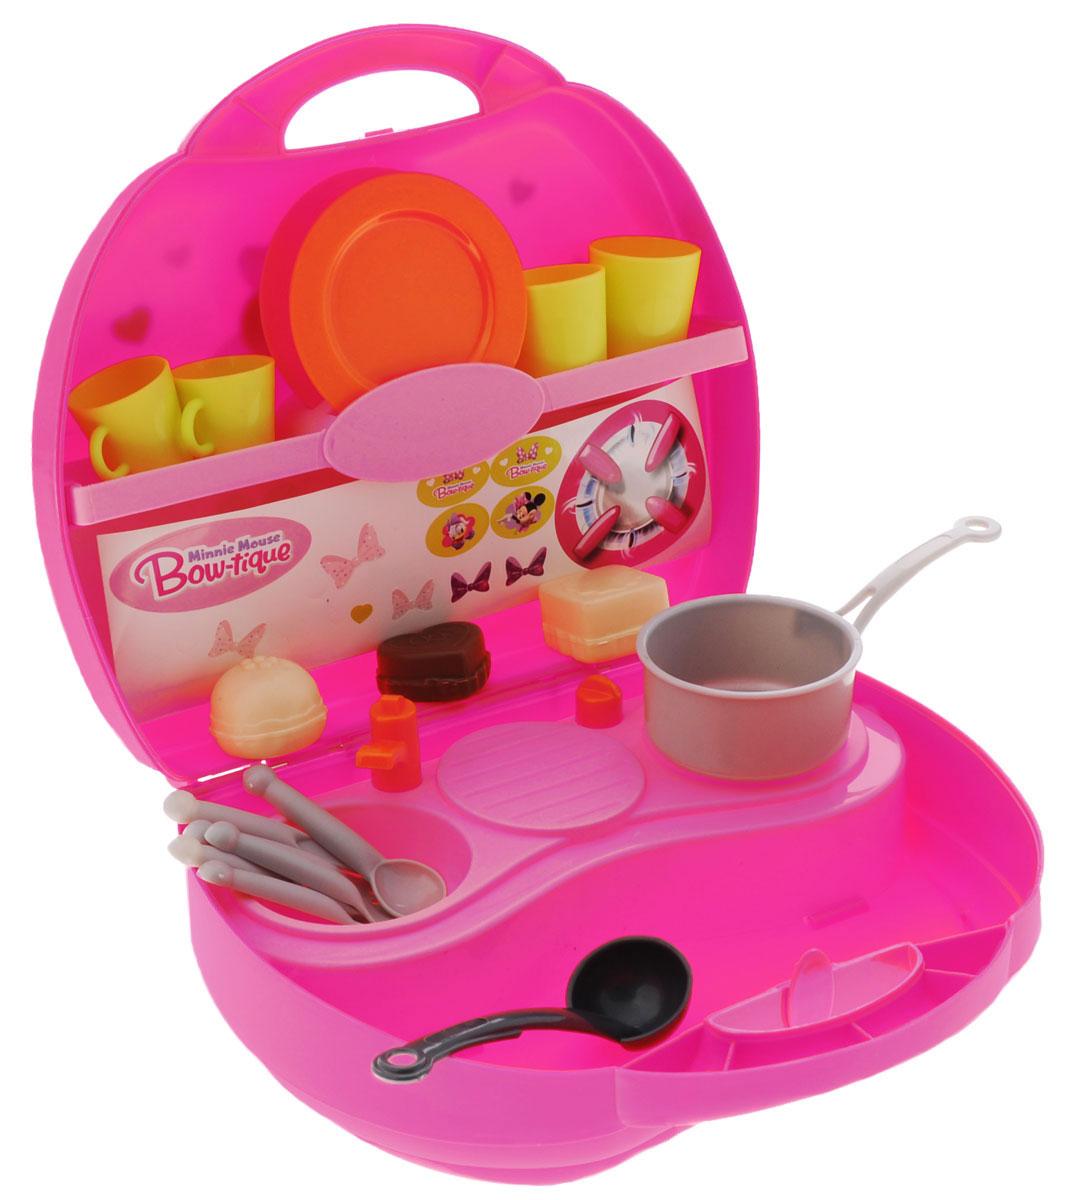 Smoby Игровой набор Мини кухня Minnie24066Игровой набор Smoby Мини кухня Minnie станет отличным подарком для девочки! Мини кухня помещается в розовом пластиковом чемоданчике с ручкой. На кухне есть одноконфорочная плита, раковина с краном, сушилка для посуды, а также две полки - для продуктов и посуды. Кроме того, в набор входят кастрюля, половник, 3 пирожных, тарелки, чашки, вилки, ножи и ложки. Теперь малышка сможет накормить свои игрушки в любой момент!